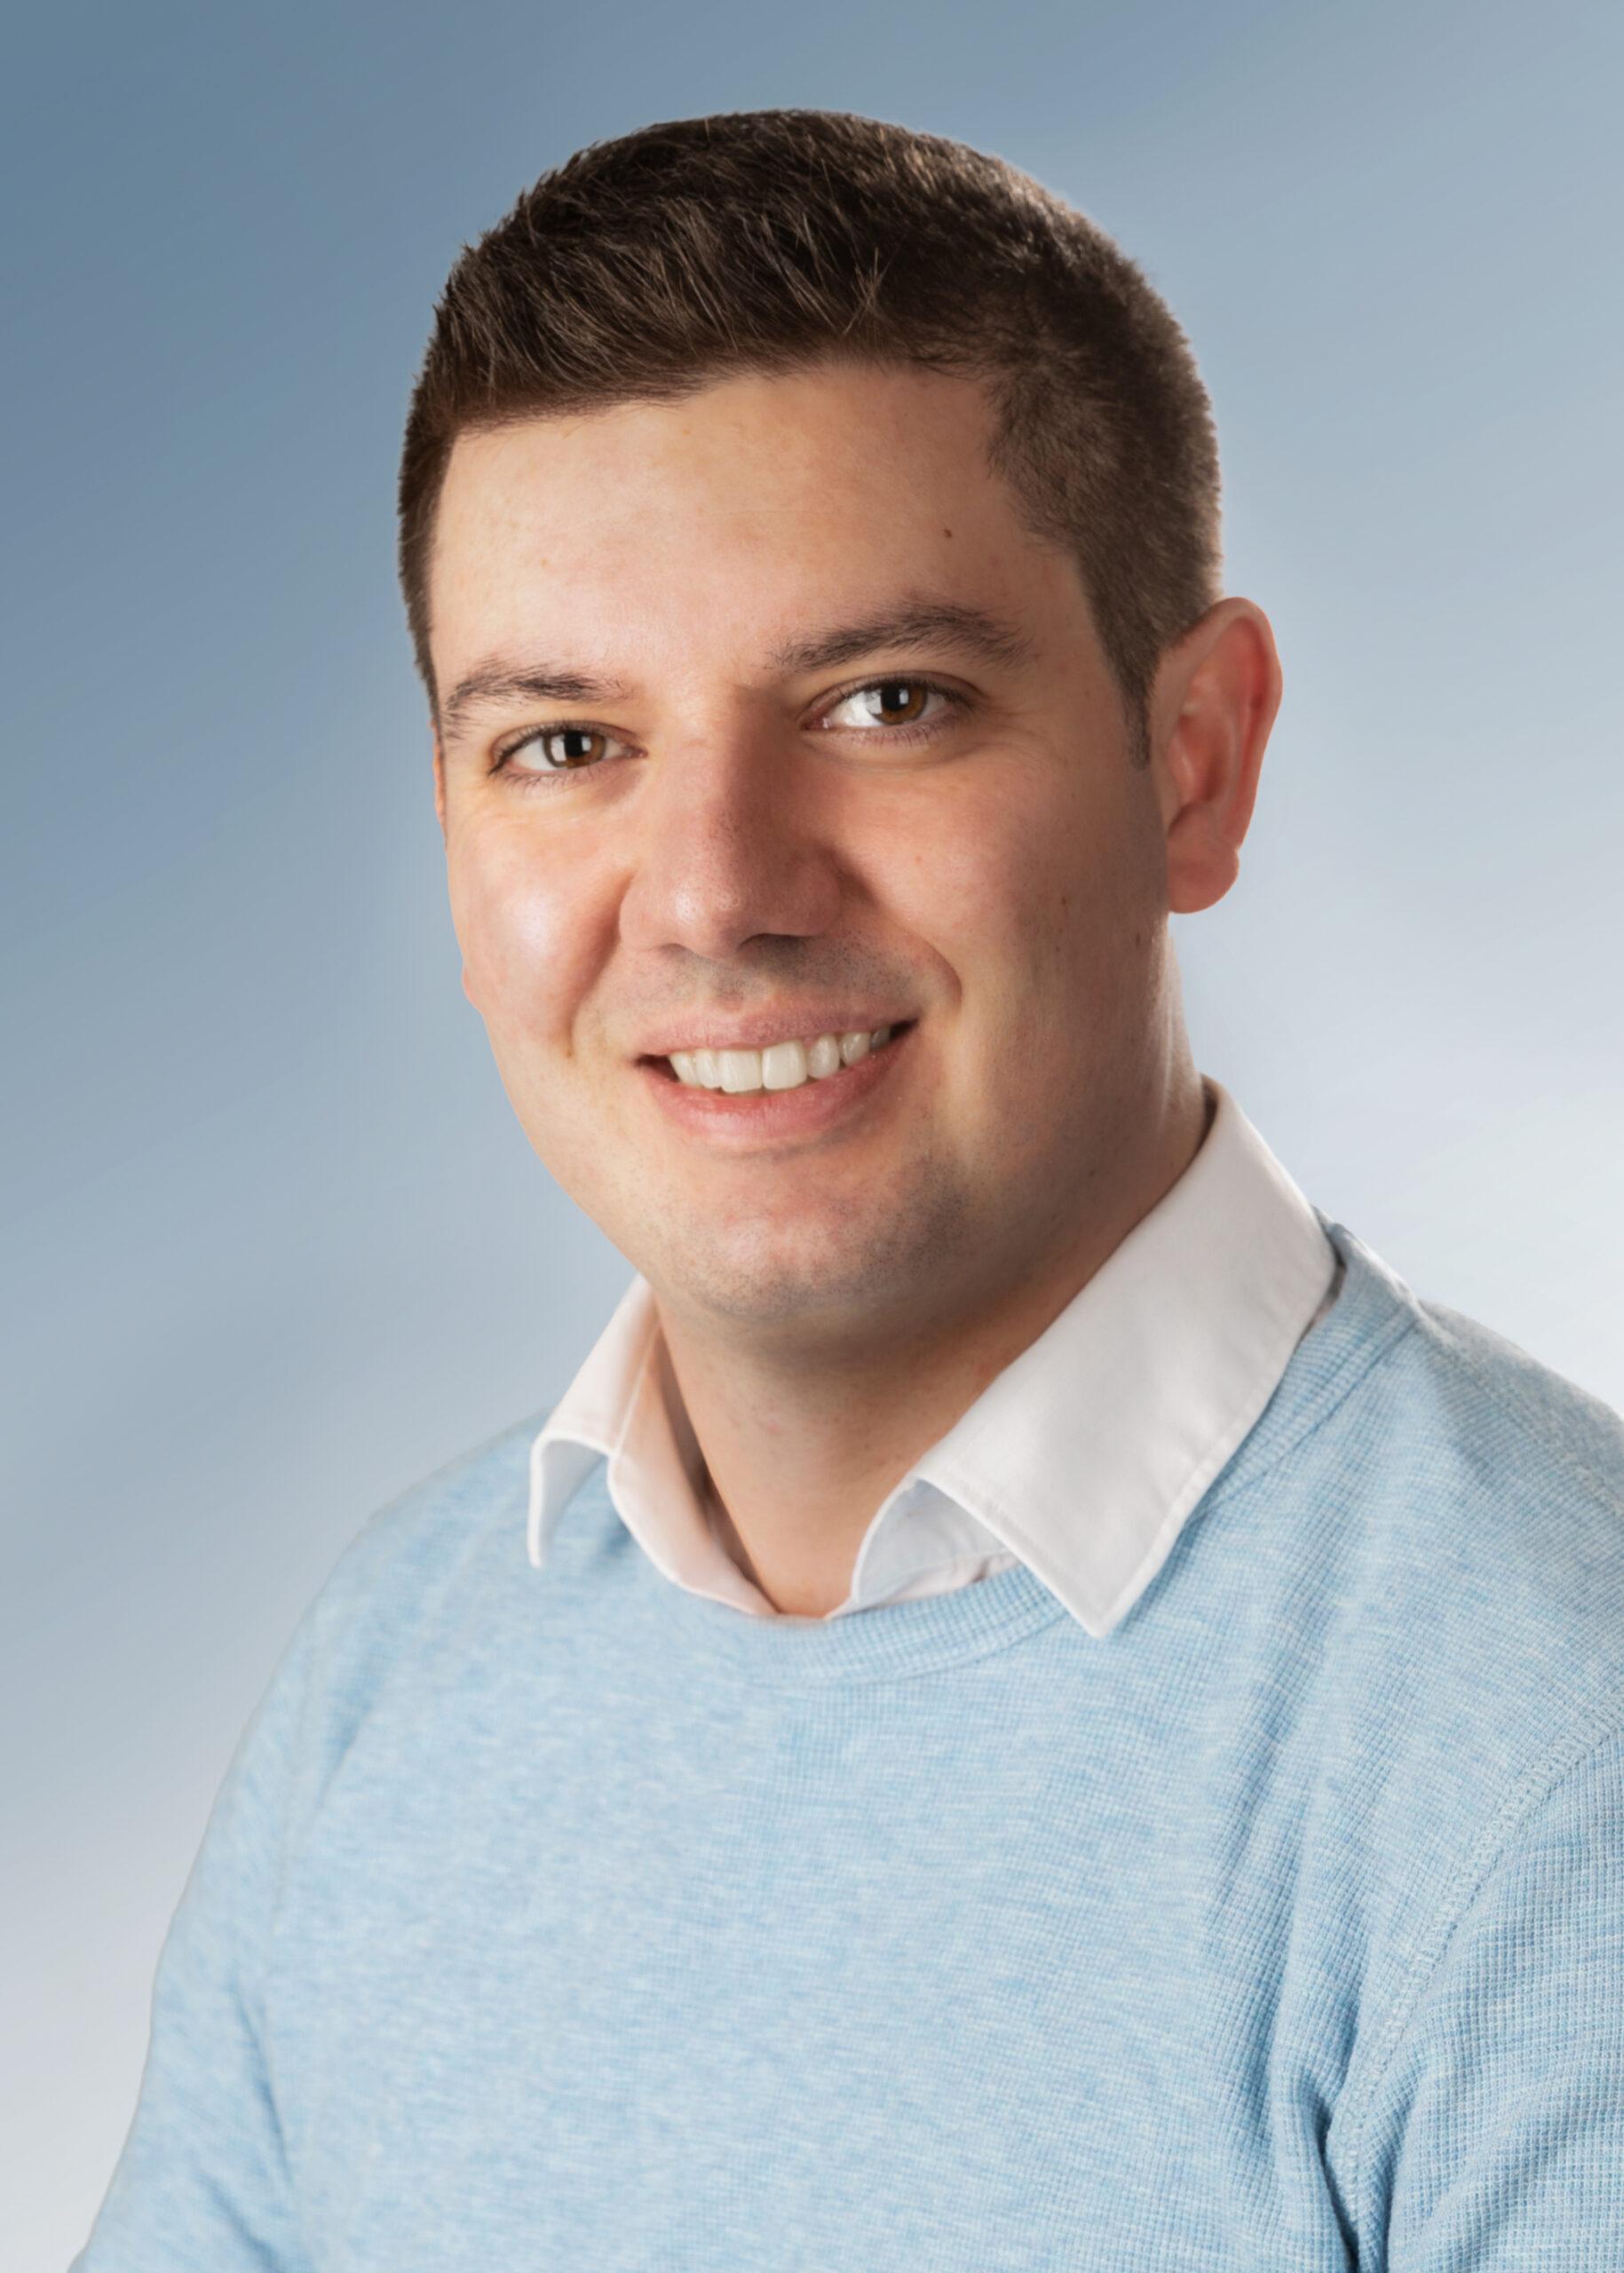 Moritz Strohofer, Gemeinderat in Markt Geiselwind